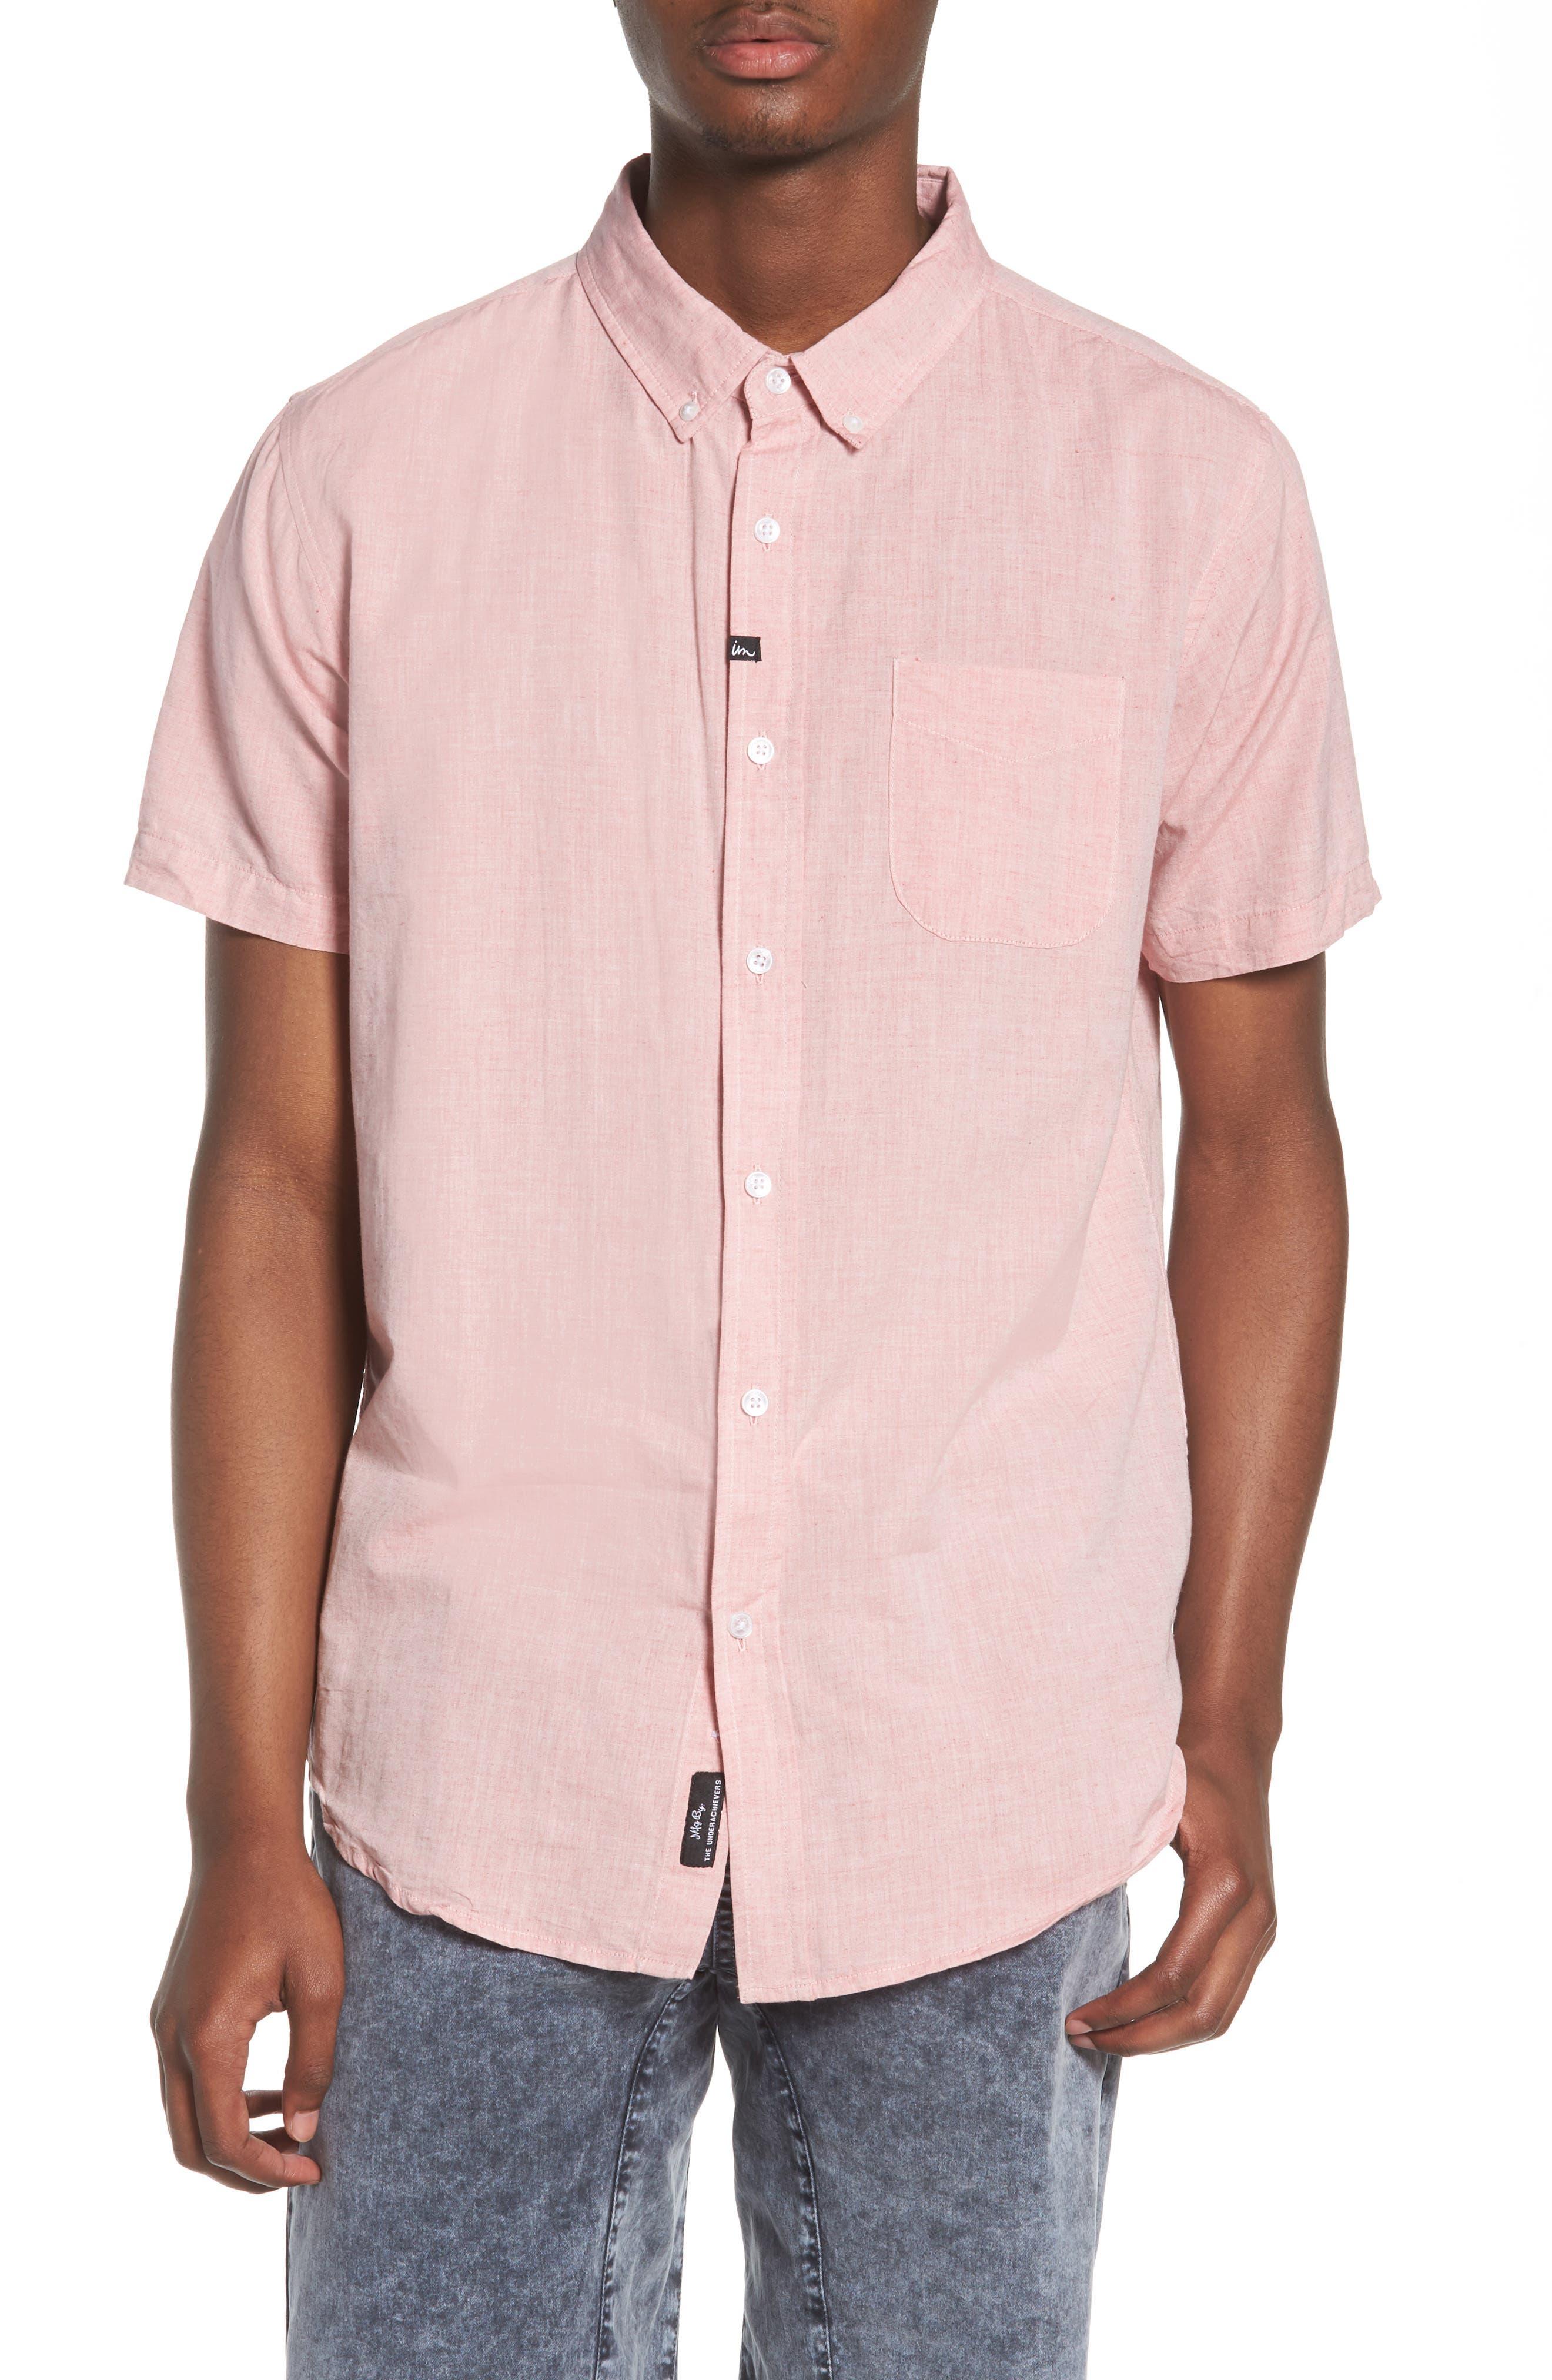 Triumph Woven Shirt,                             Main thumbnail 1, color,                             Mahogany